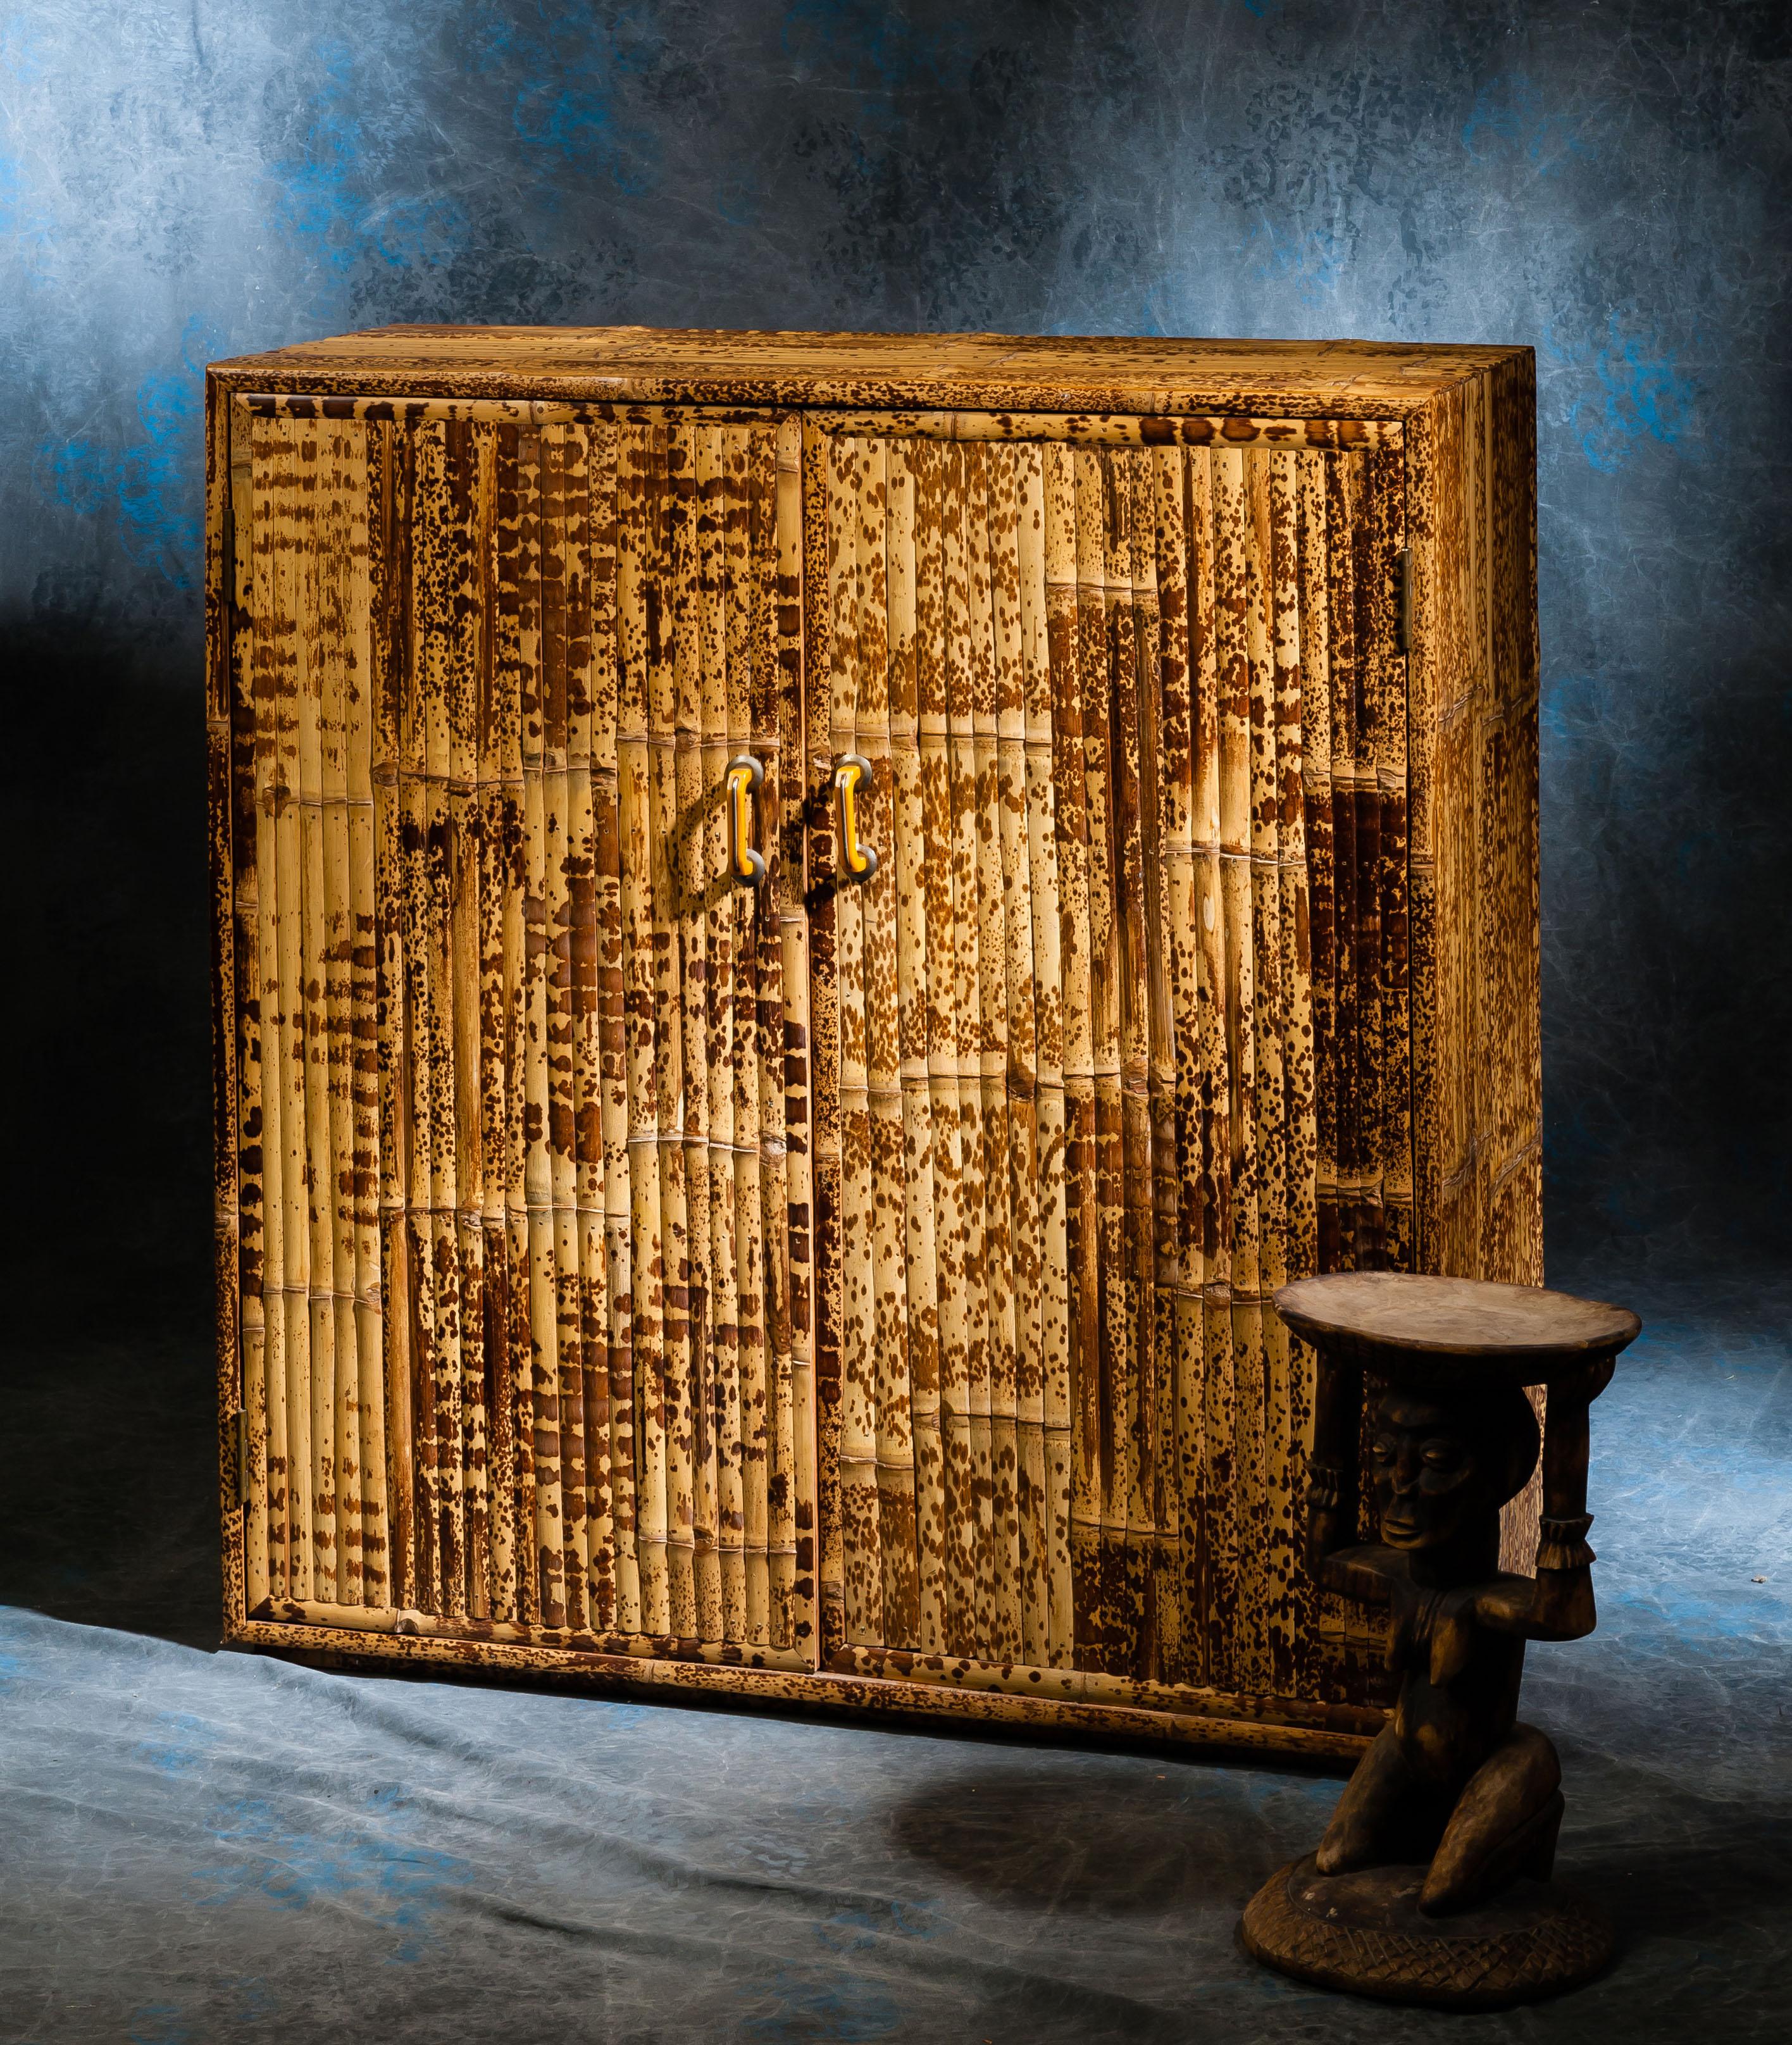 Dcoration bambou intrieur bambou deco interieur nouvelle - Decoration asiatique dans linterieur moderneidees inspirantes ...